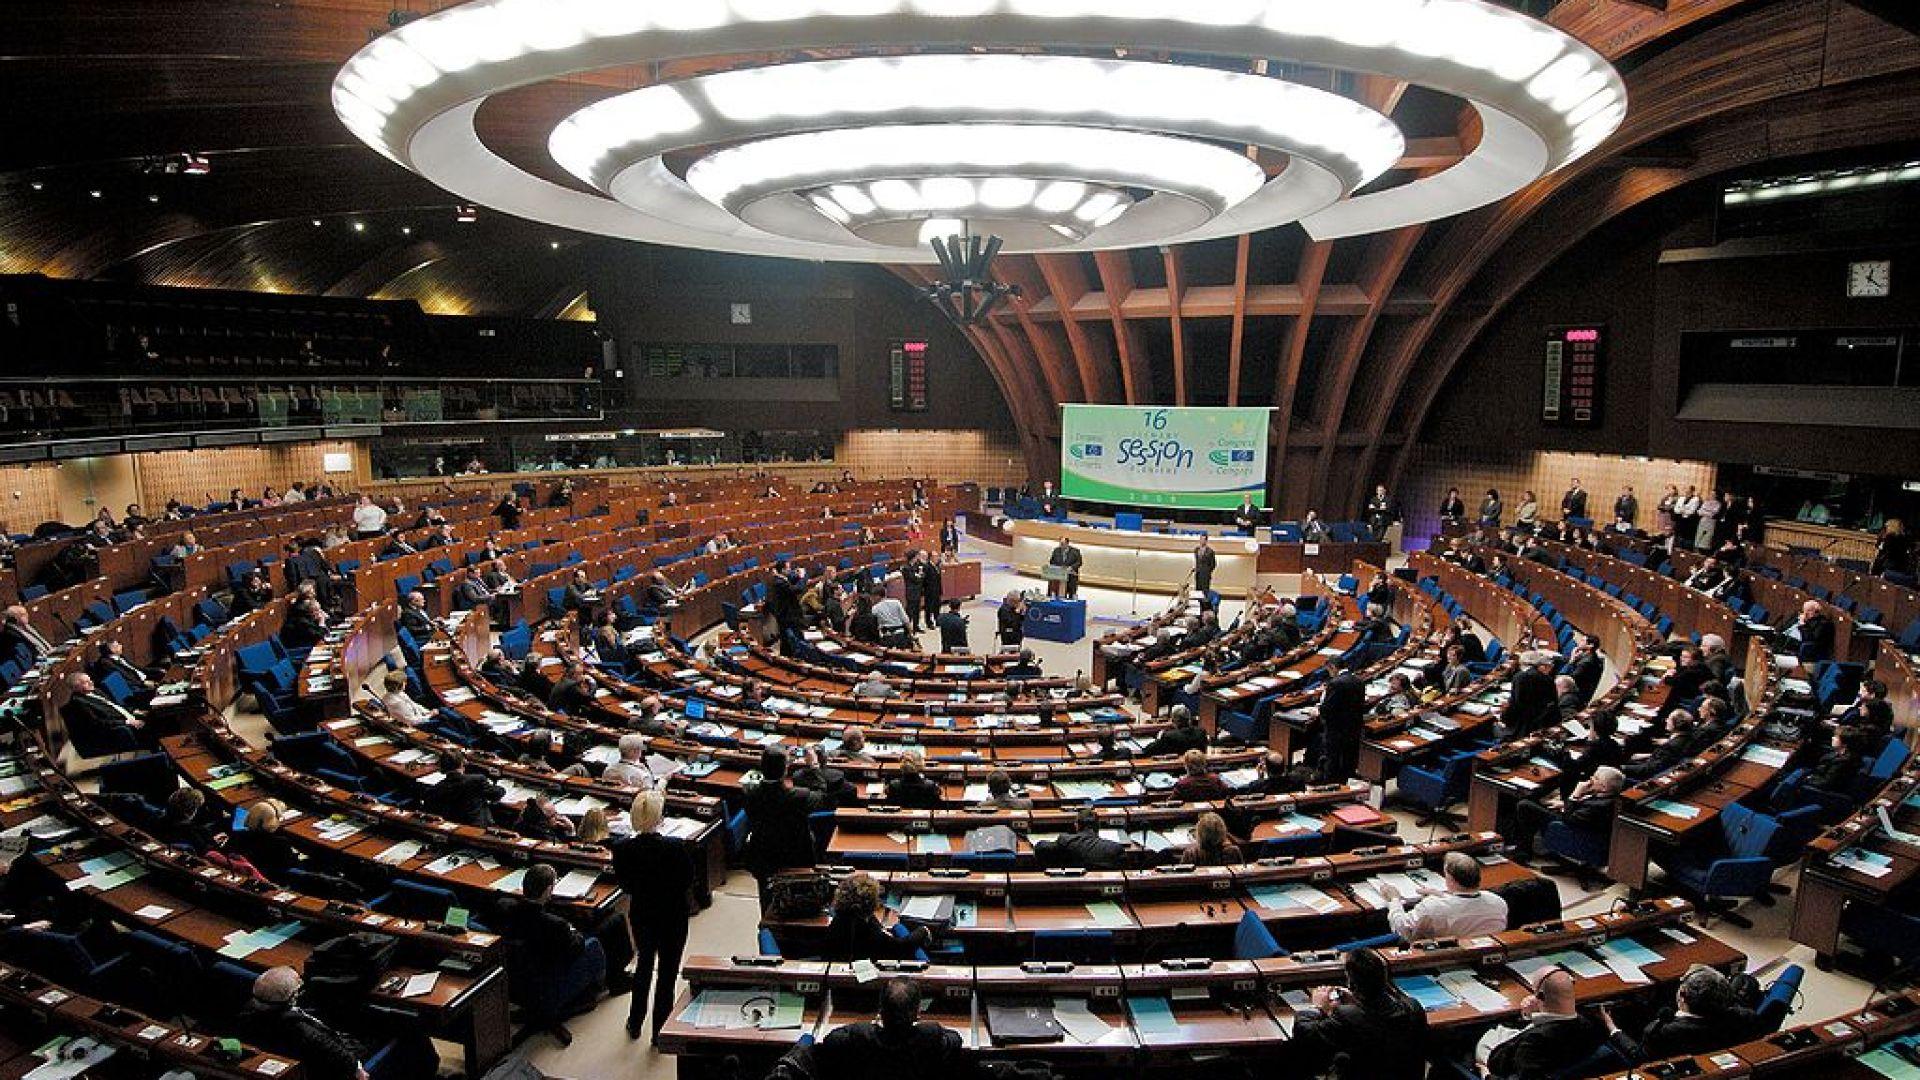 Групата държави срещу корупцията /GRECO/ към Съвета на Европа публикува